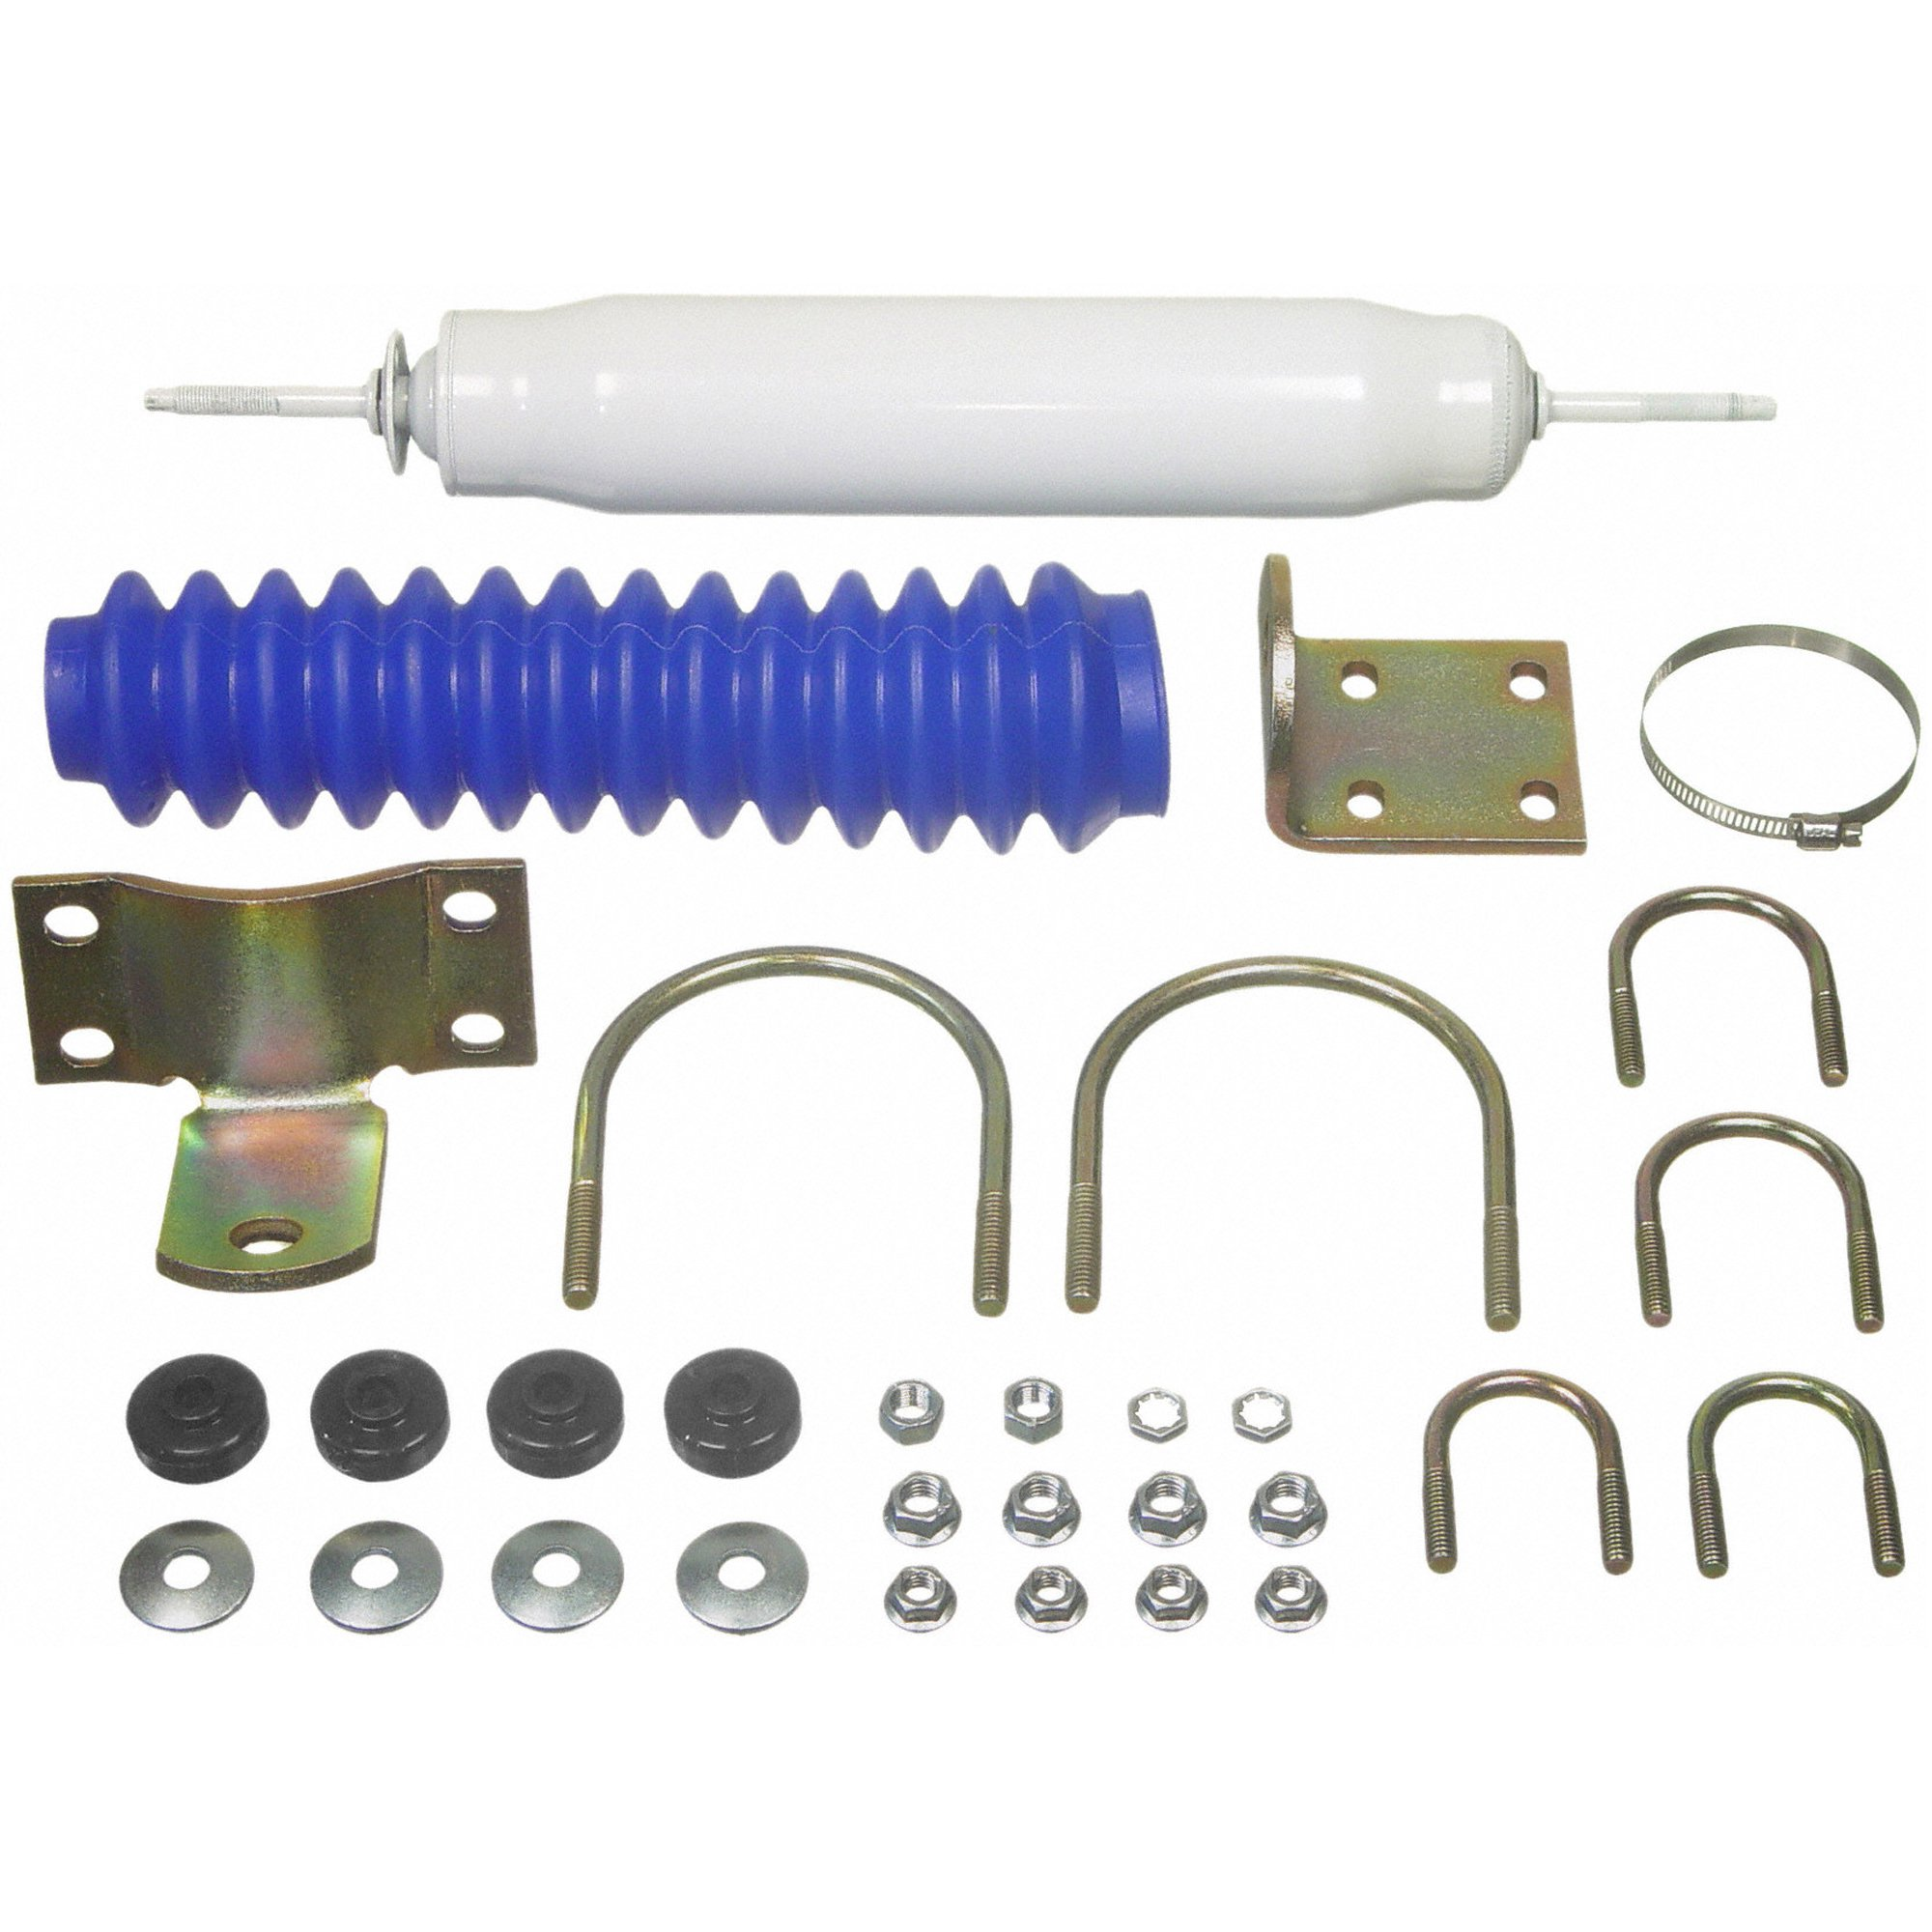 Moog SSD125 Steering Damper Kit